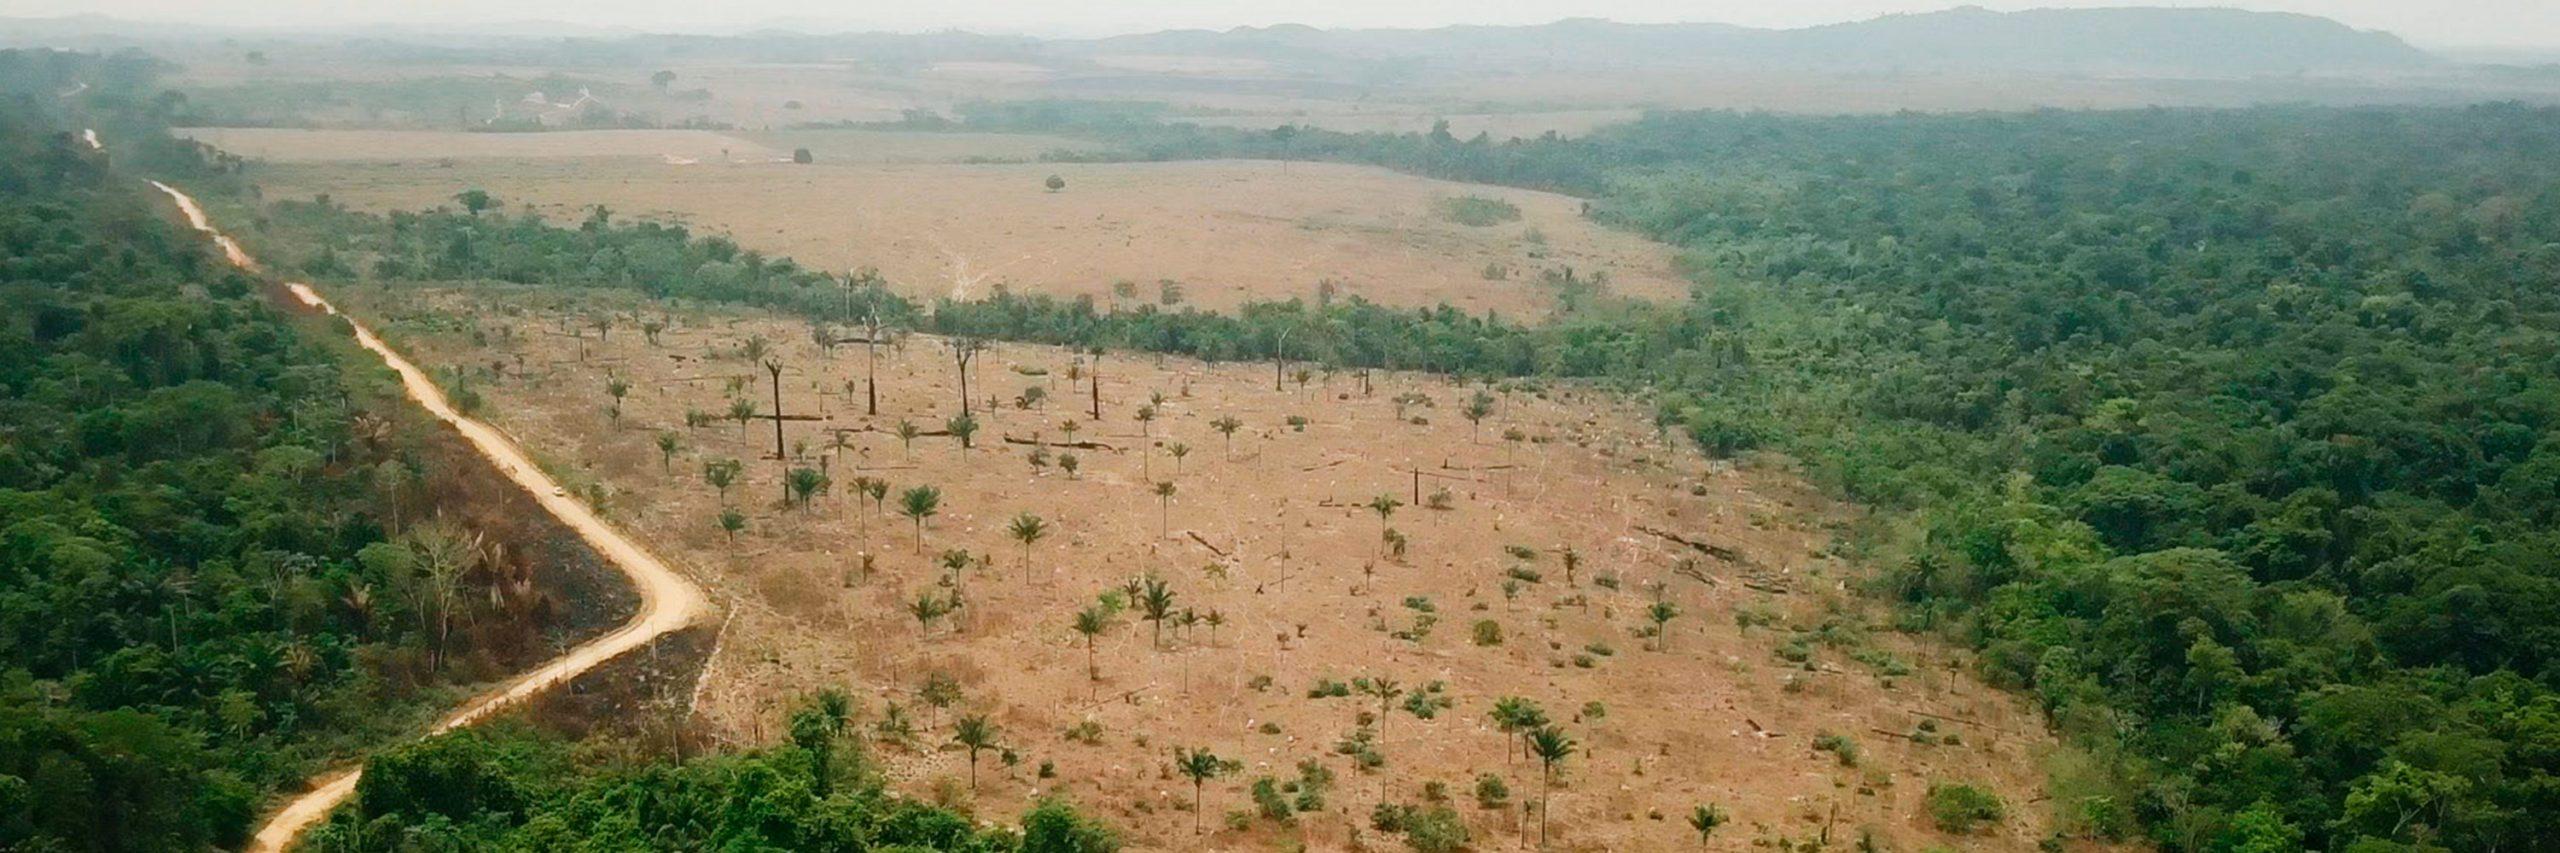 Deforestación en Amazonas